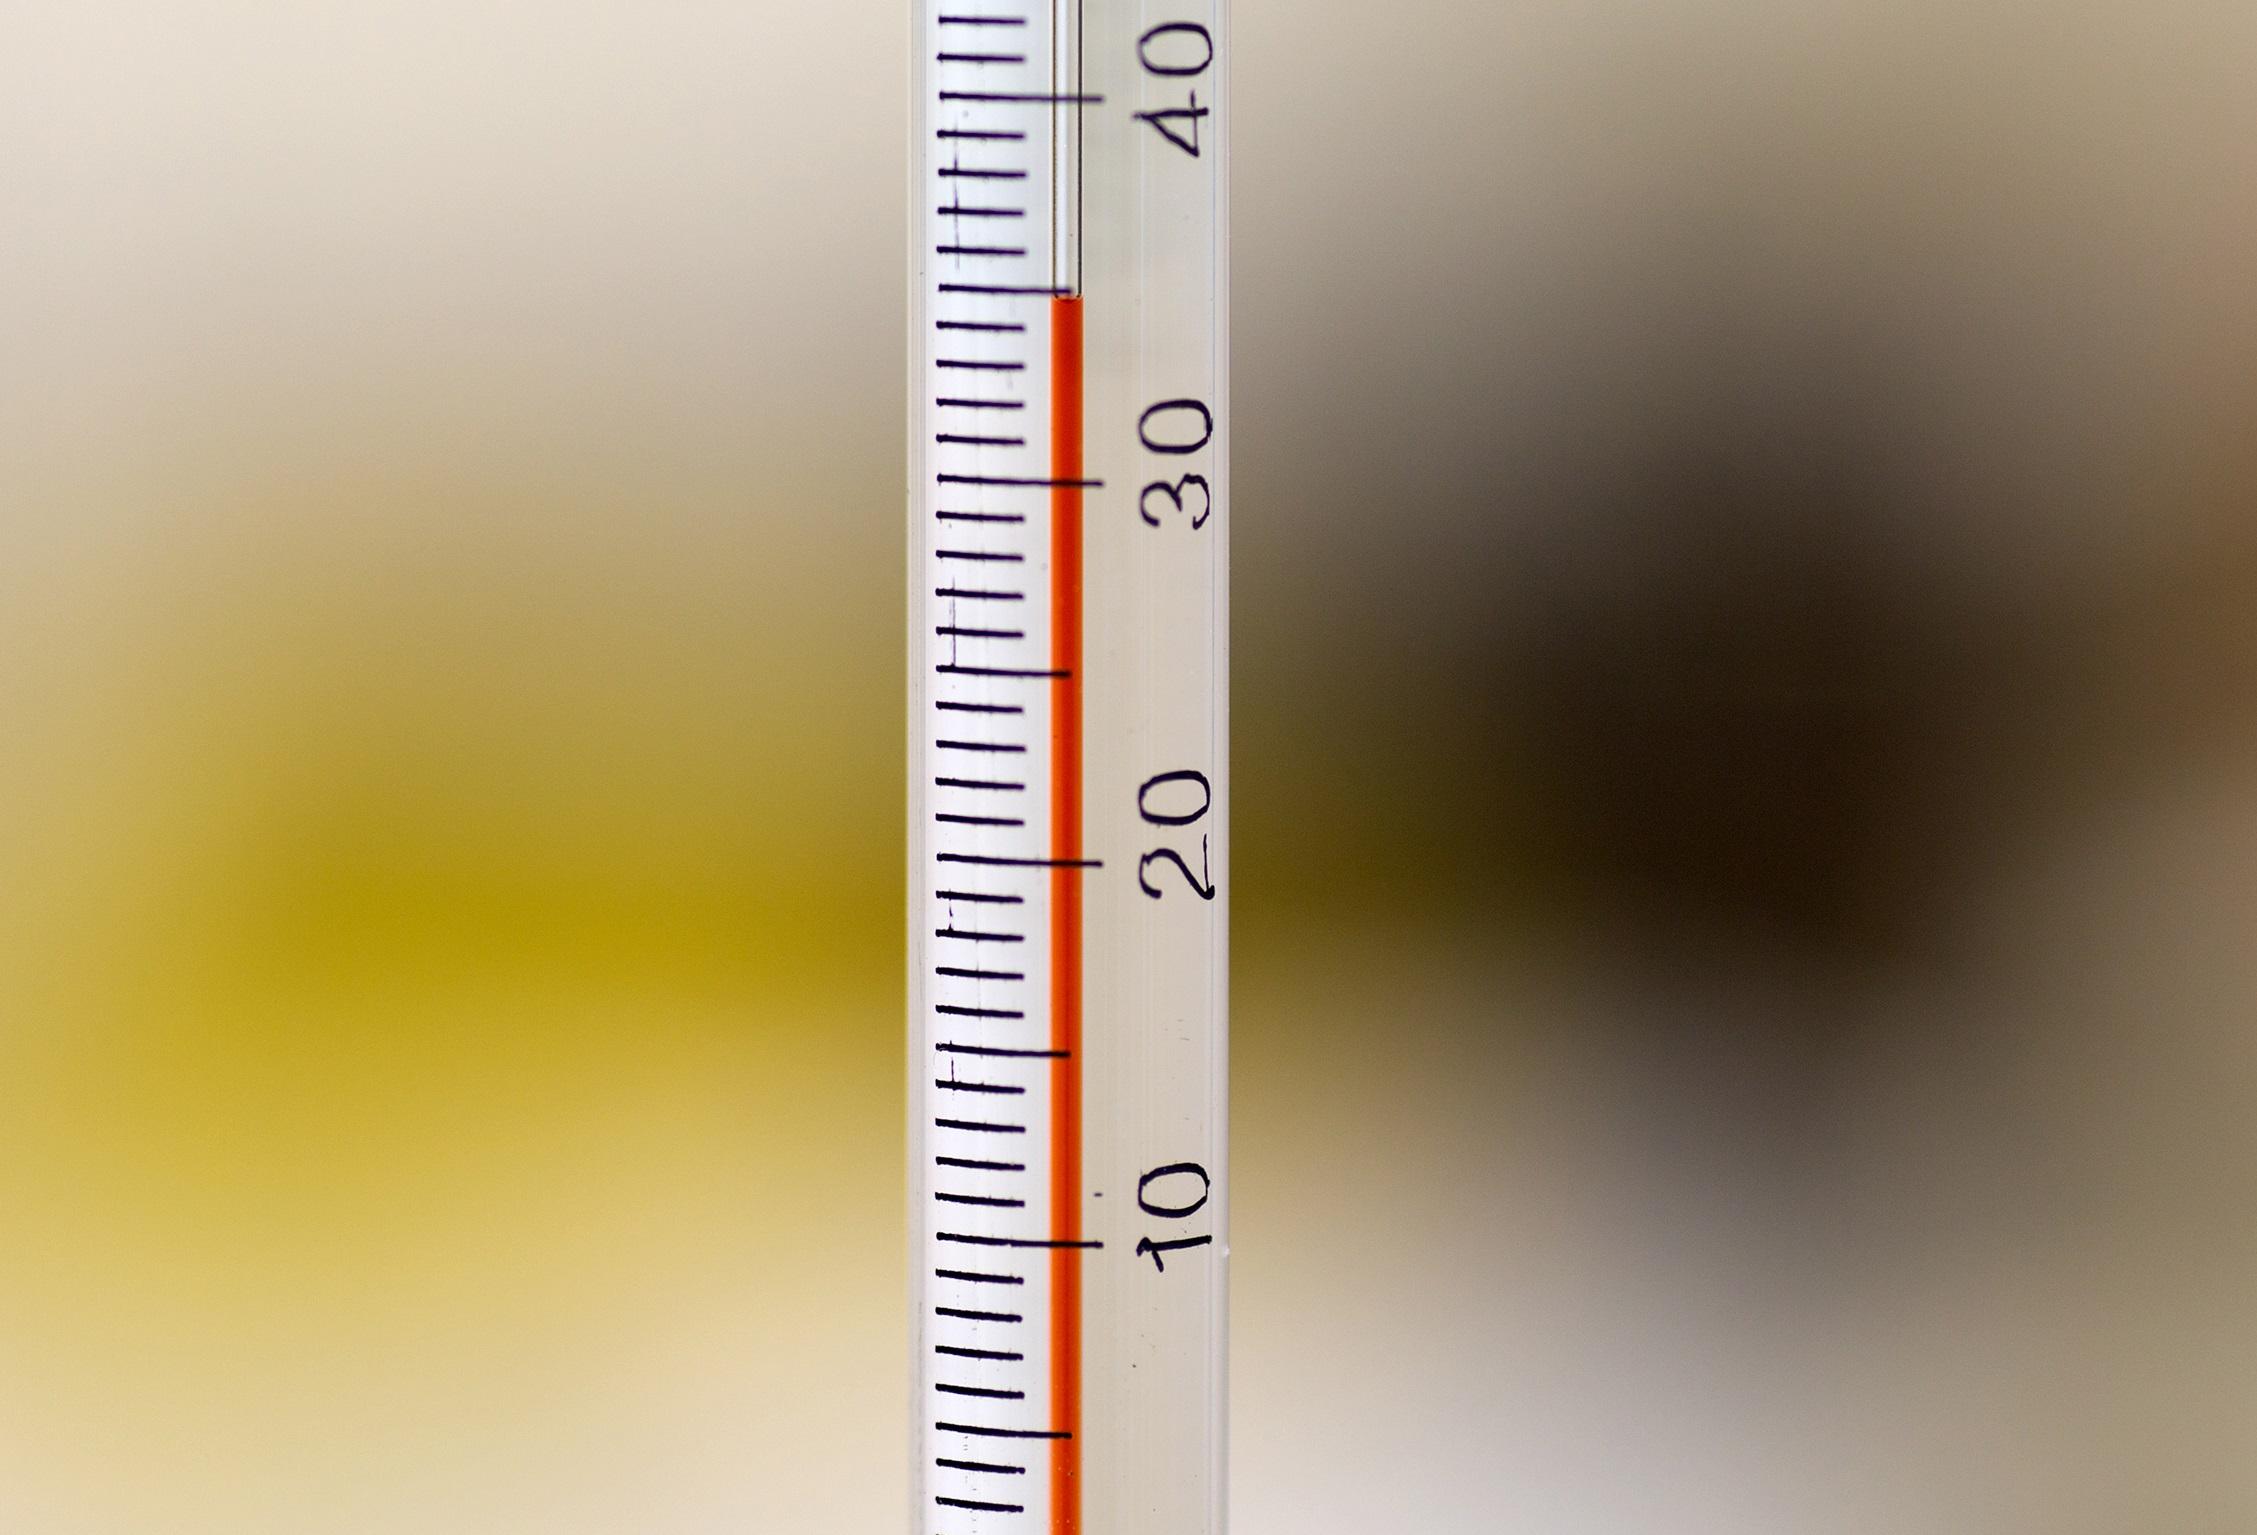 دماسنجی برای اندازهگیری دما در مقیاس نانومتری ساخته شد